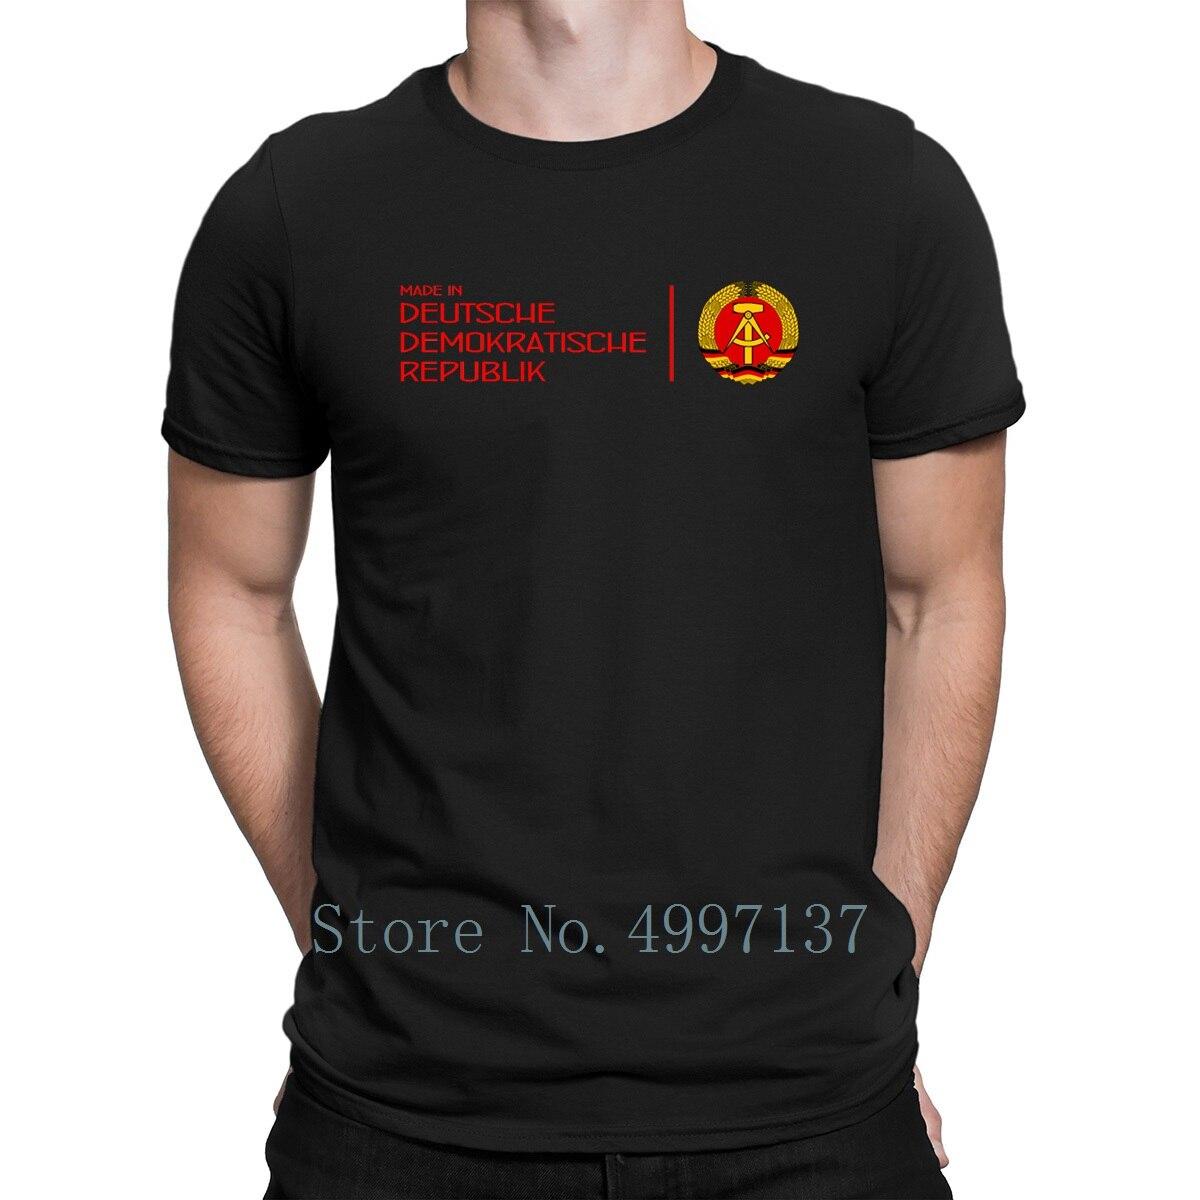 Feito Na República Democrática Alemã Deutsche Ddr Demokr Rep Berlim T Camisa Sol Confortável 100% Algodão Fresco Camisa Gola Redonda Primavera Personalizado